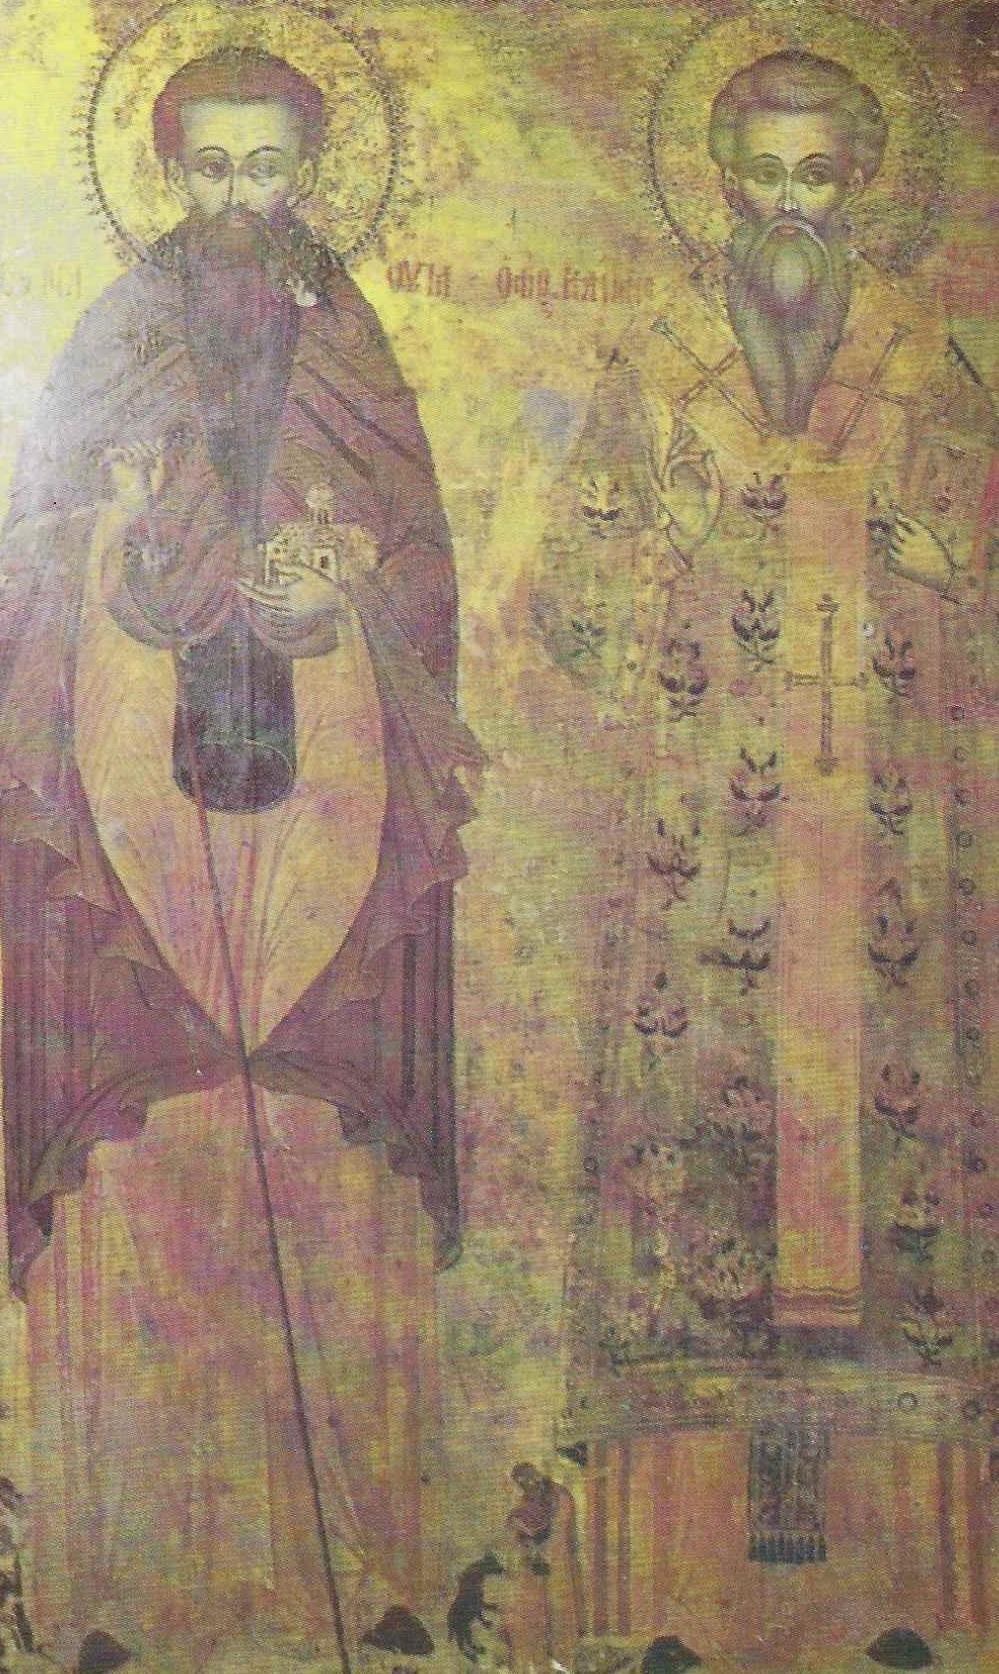 ציור של נאום וקלמנט